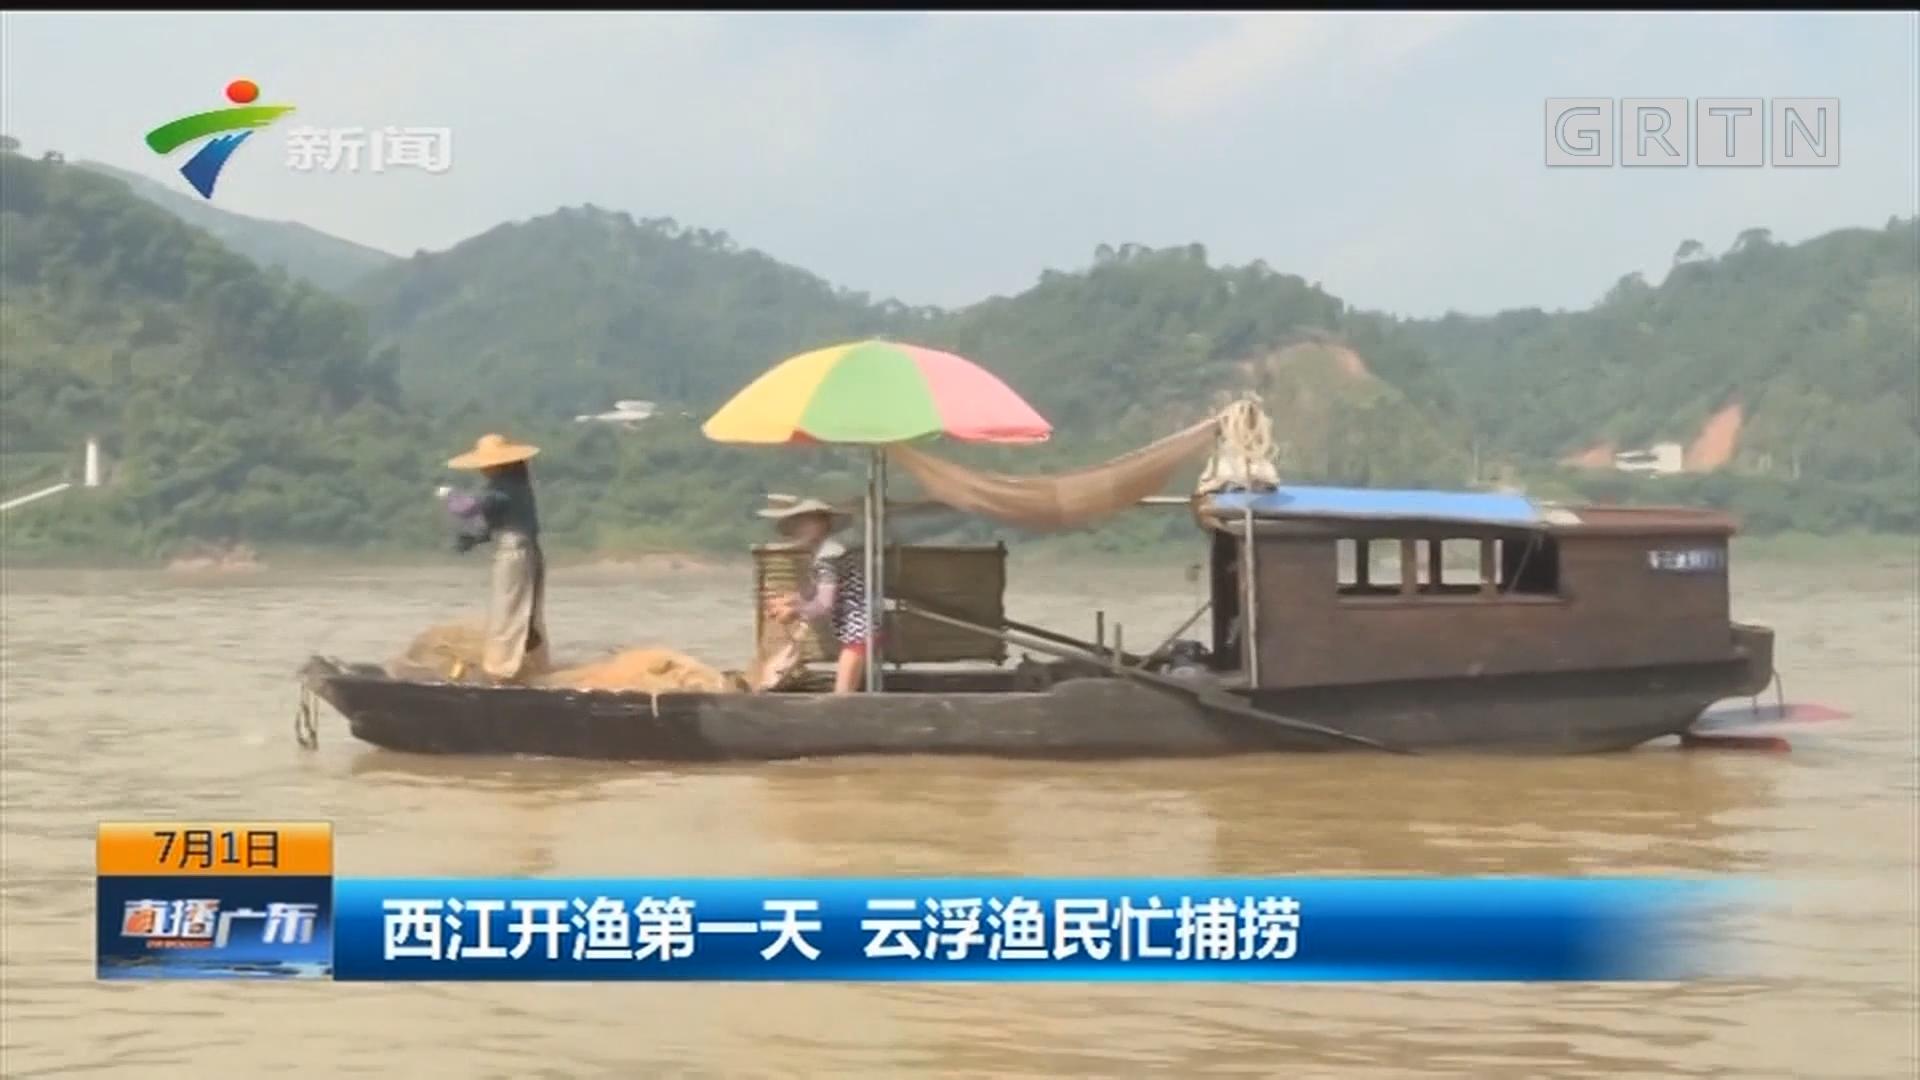 西江开渔第一天 云浮渔民忙捕捞